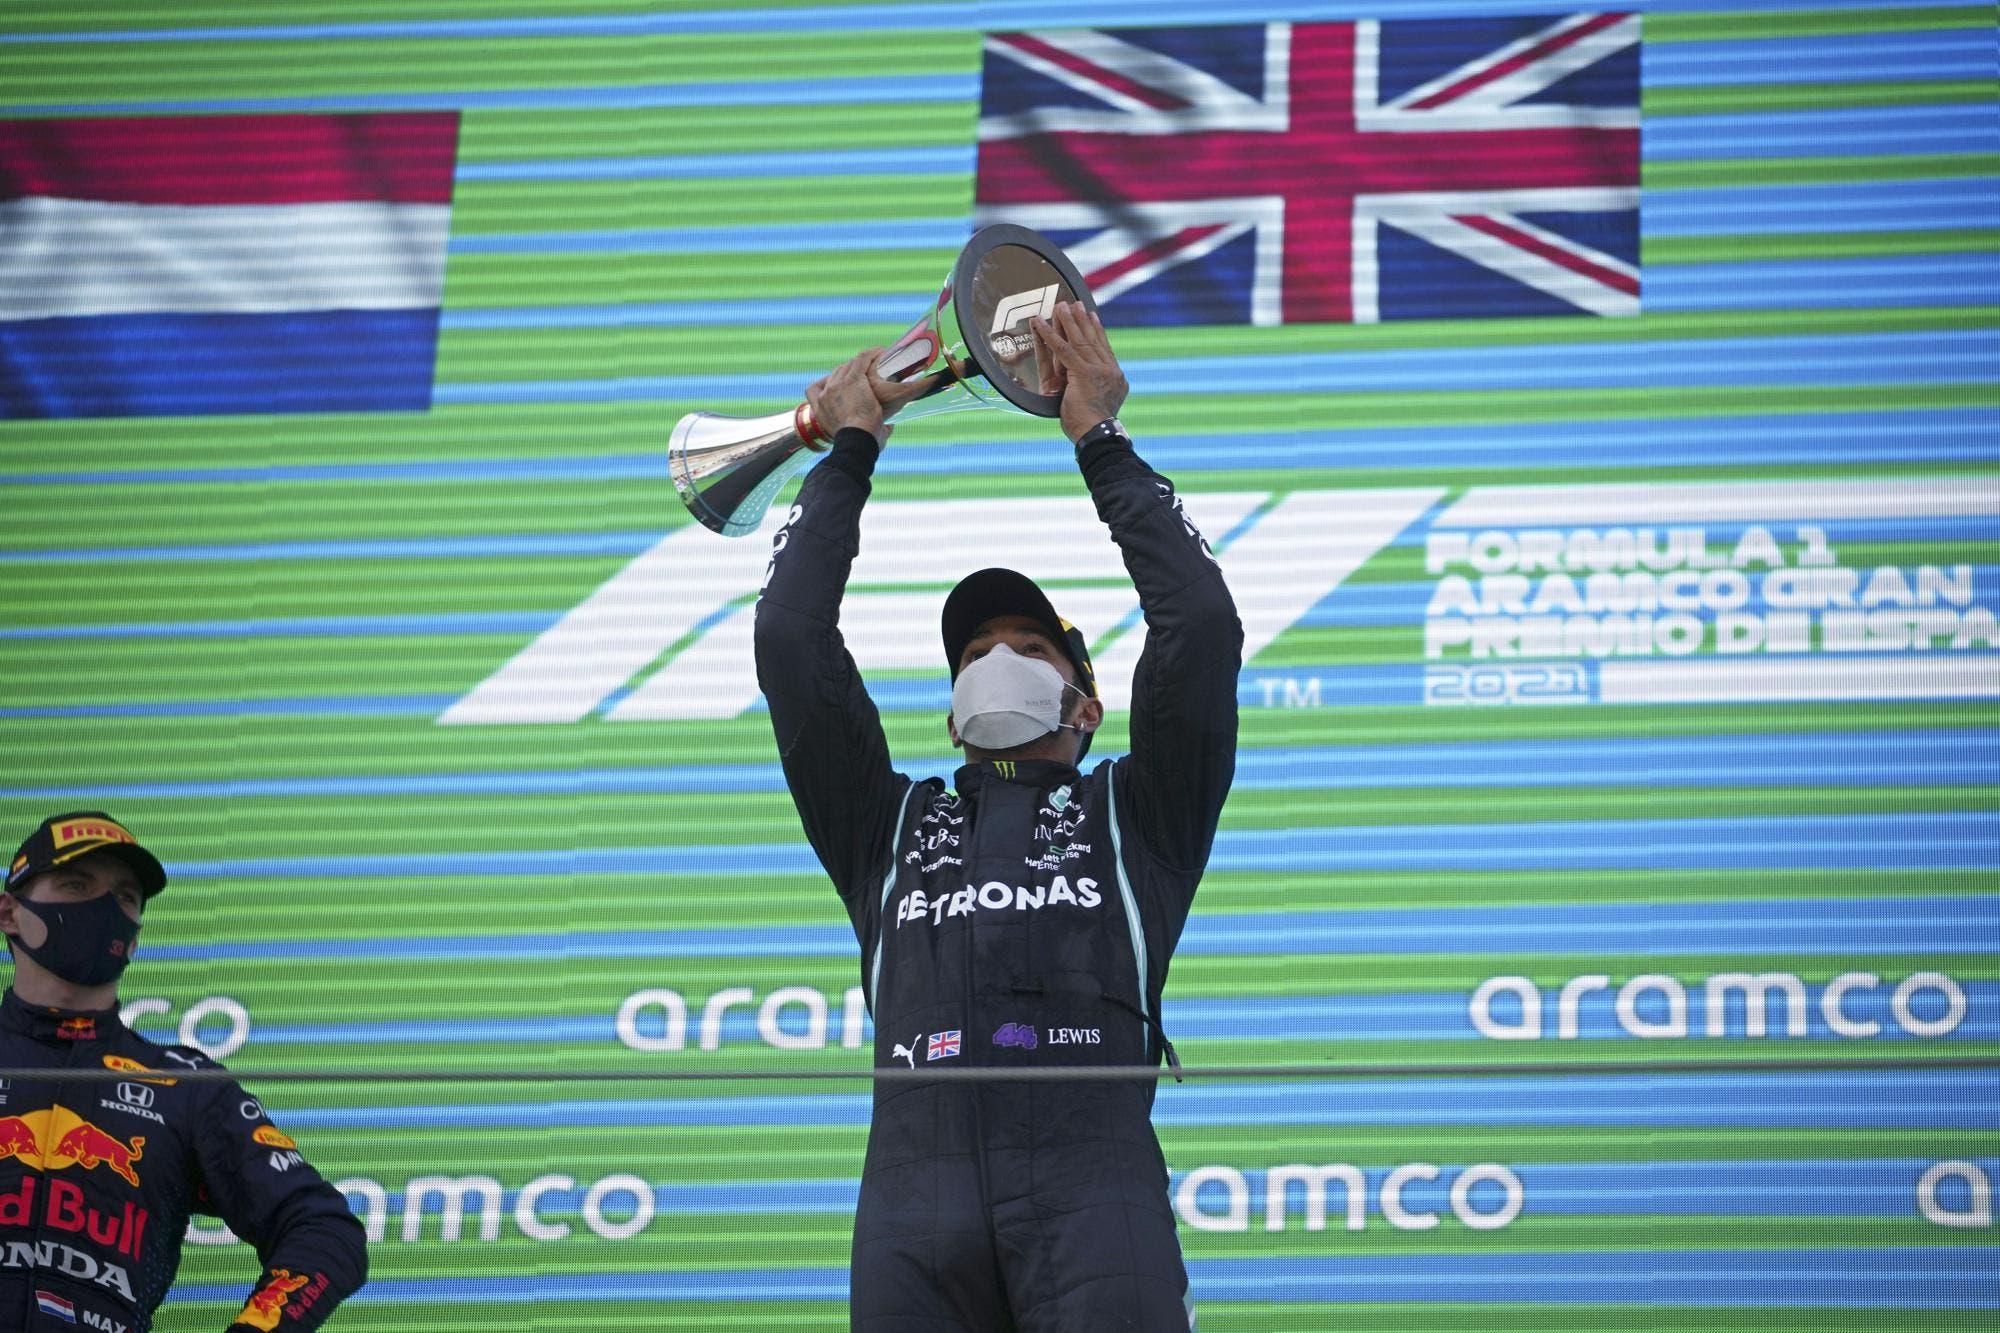 Hamilton supera a Verstappen en un vibrante GP de España